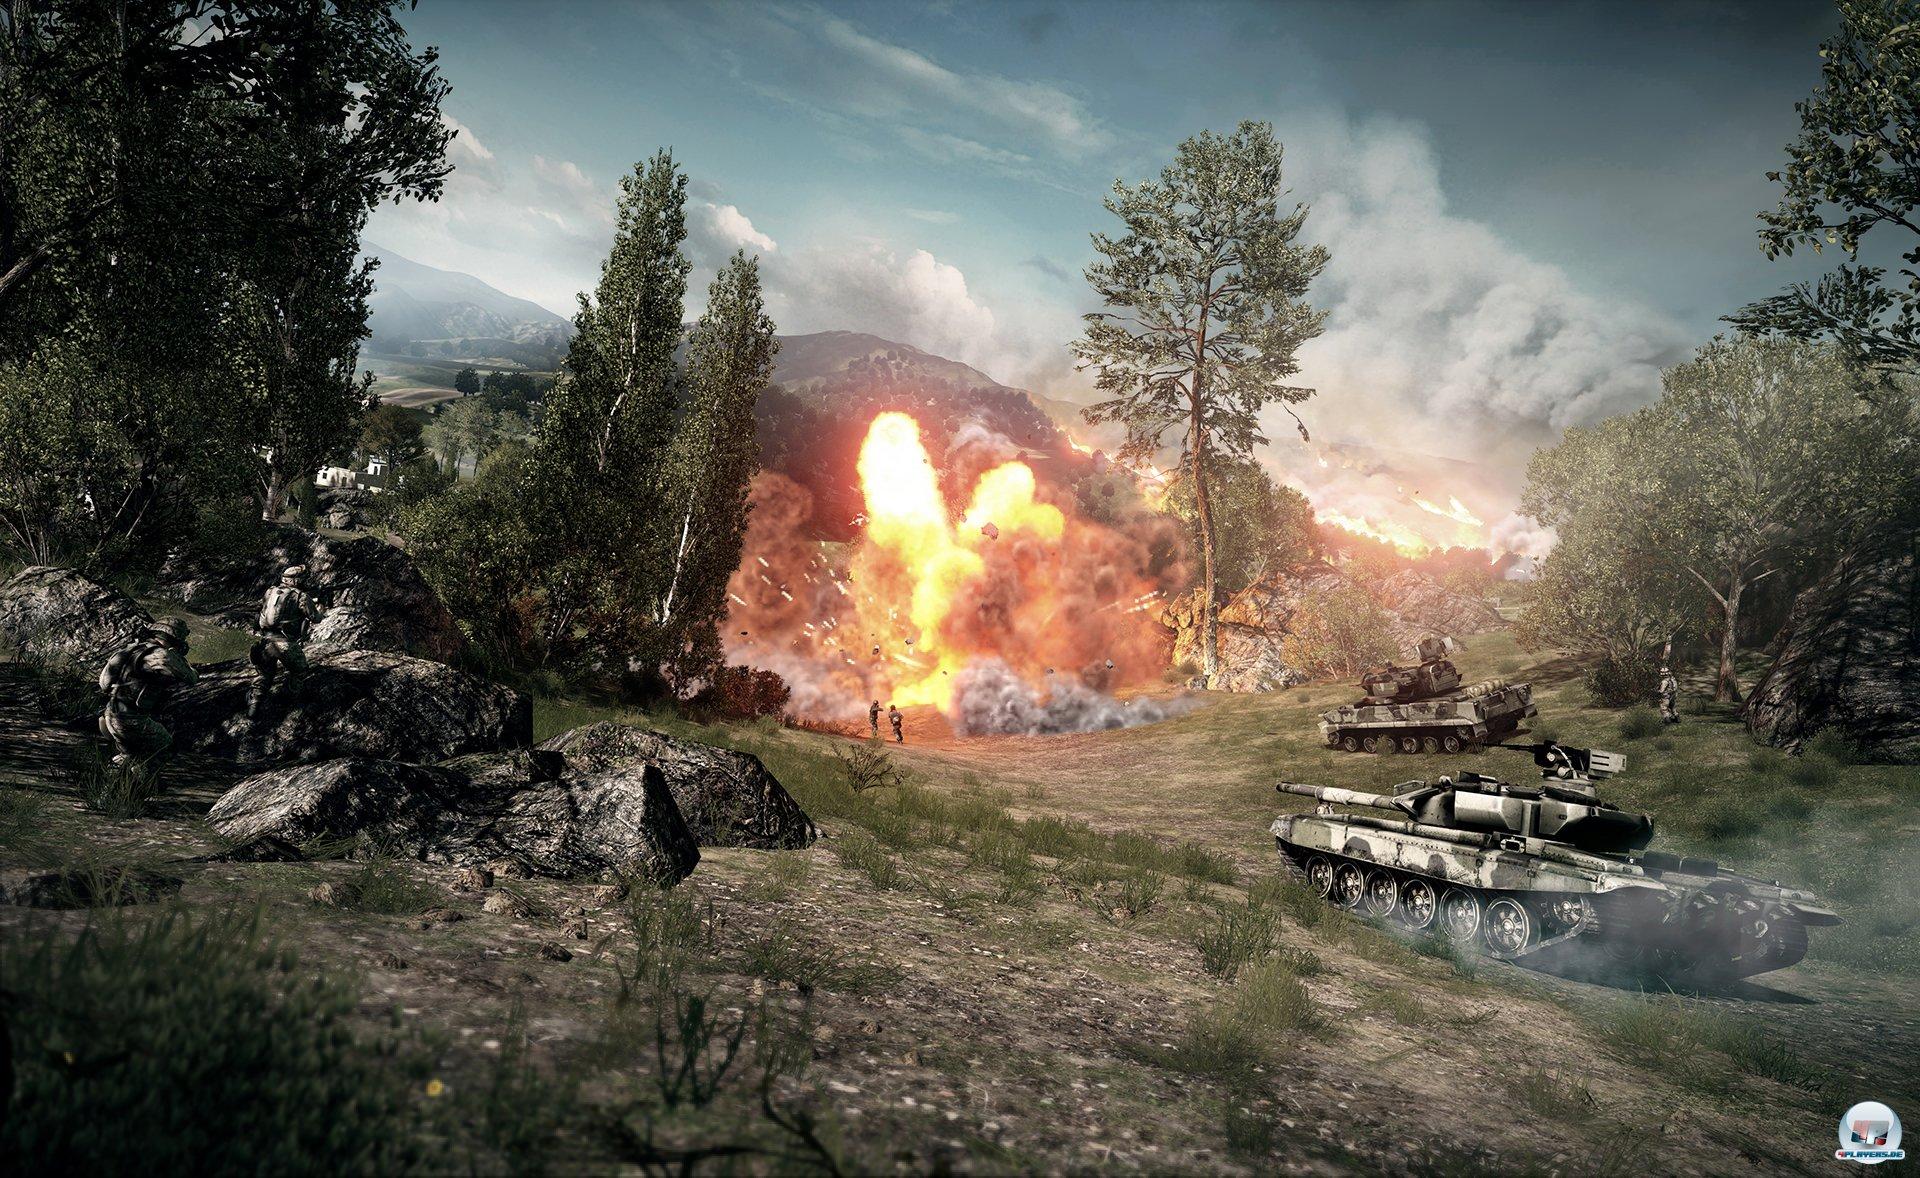 Battlefield 3 wird laut! Und es wird geht viel zu Bruch gehen.